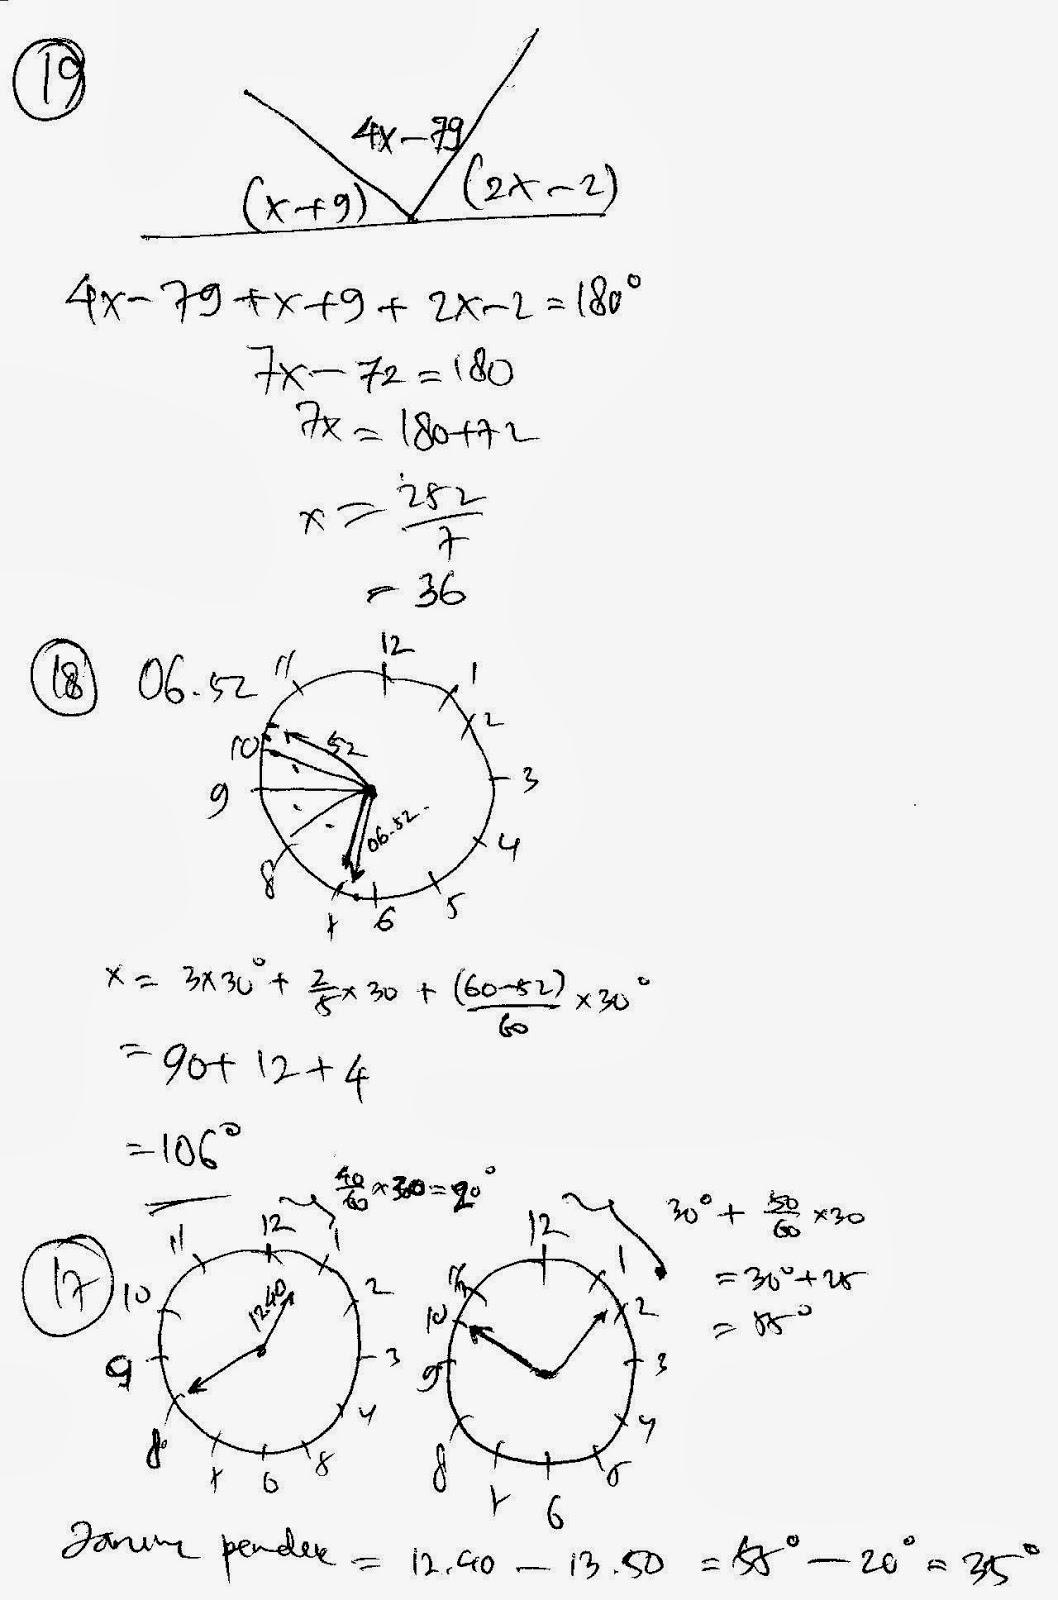 RUMAHBELAJARSPS: Remidial Math 2014 kelas 7 (tidak lengkap)